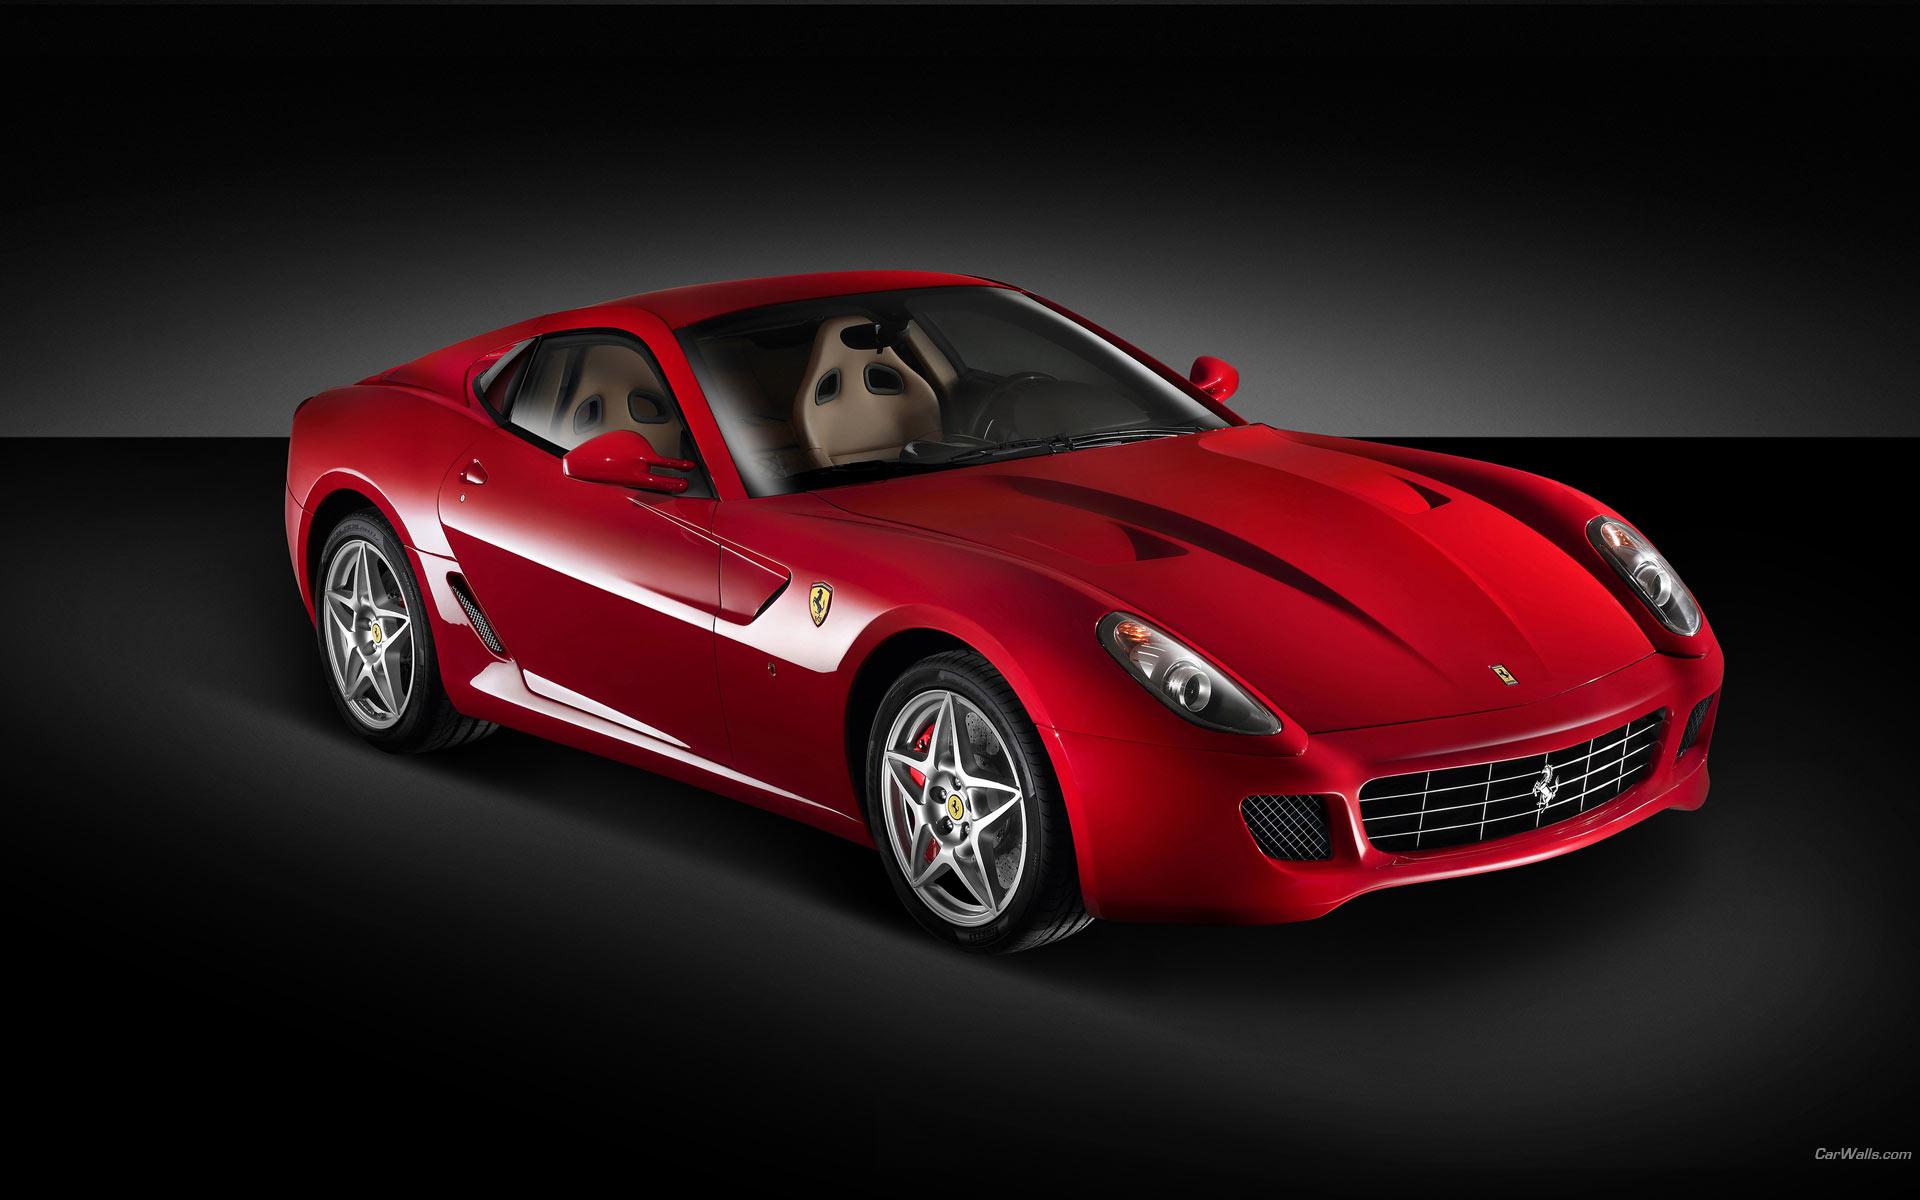 Тапет за Ferrari